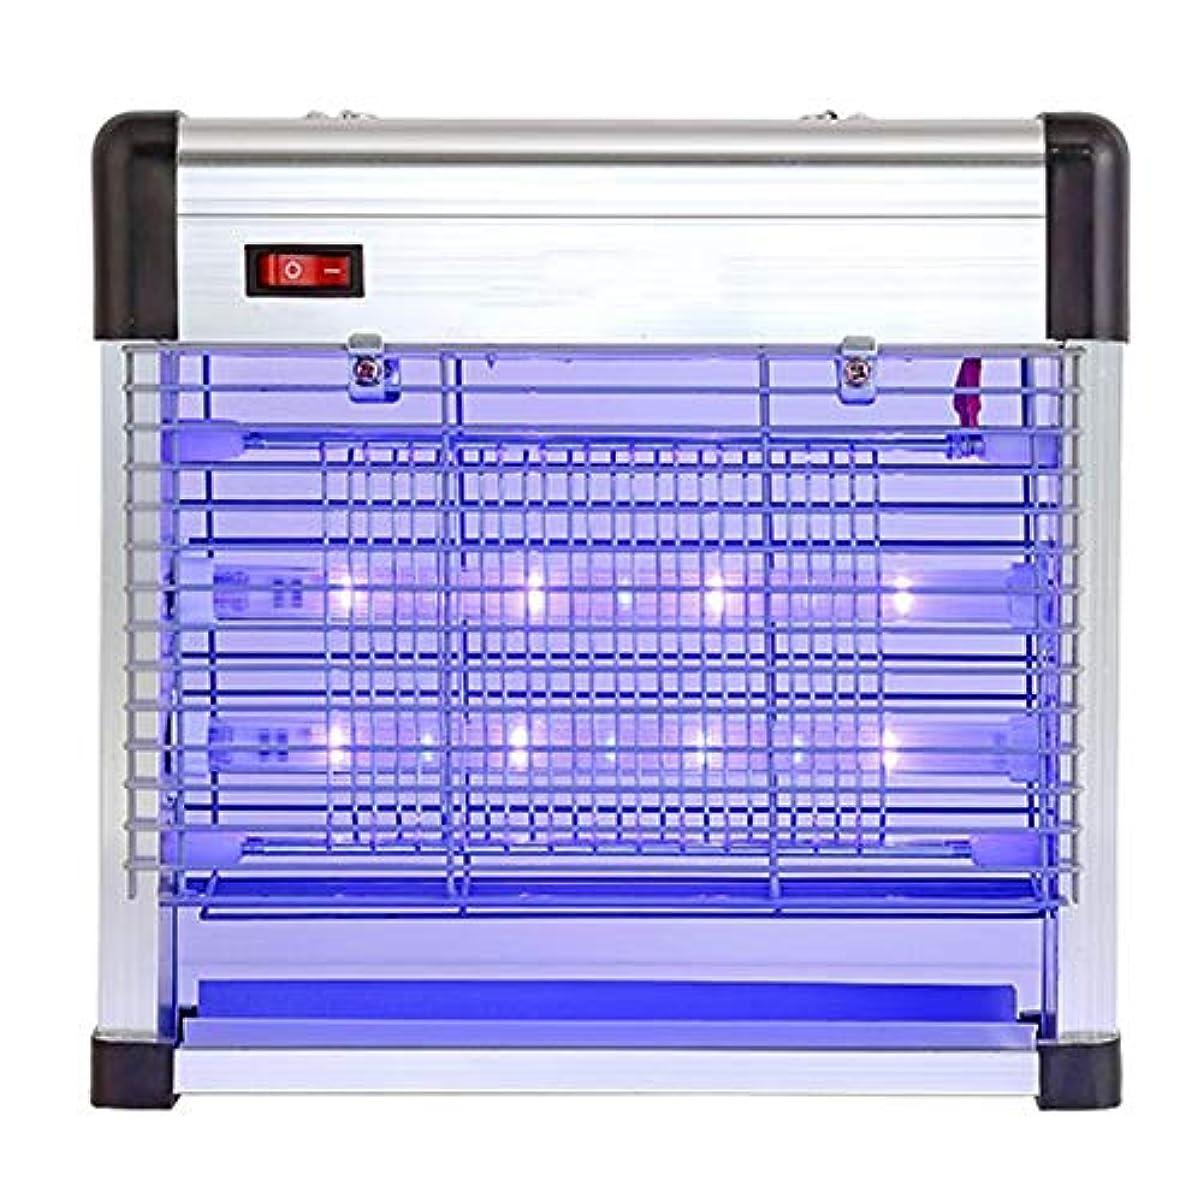 昇る議題の慈悲でZEMIN 蚊ランプ電撃殺虫灯 誘虫灯 レストラン LEDルアー 軽量 放熱 丈夫です、 7W (サイズ さいず : 7W-26.6CM)